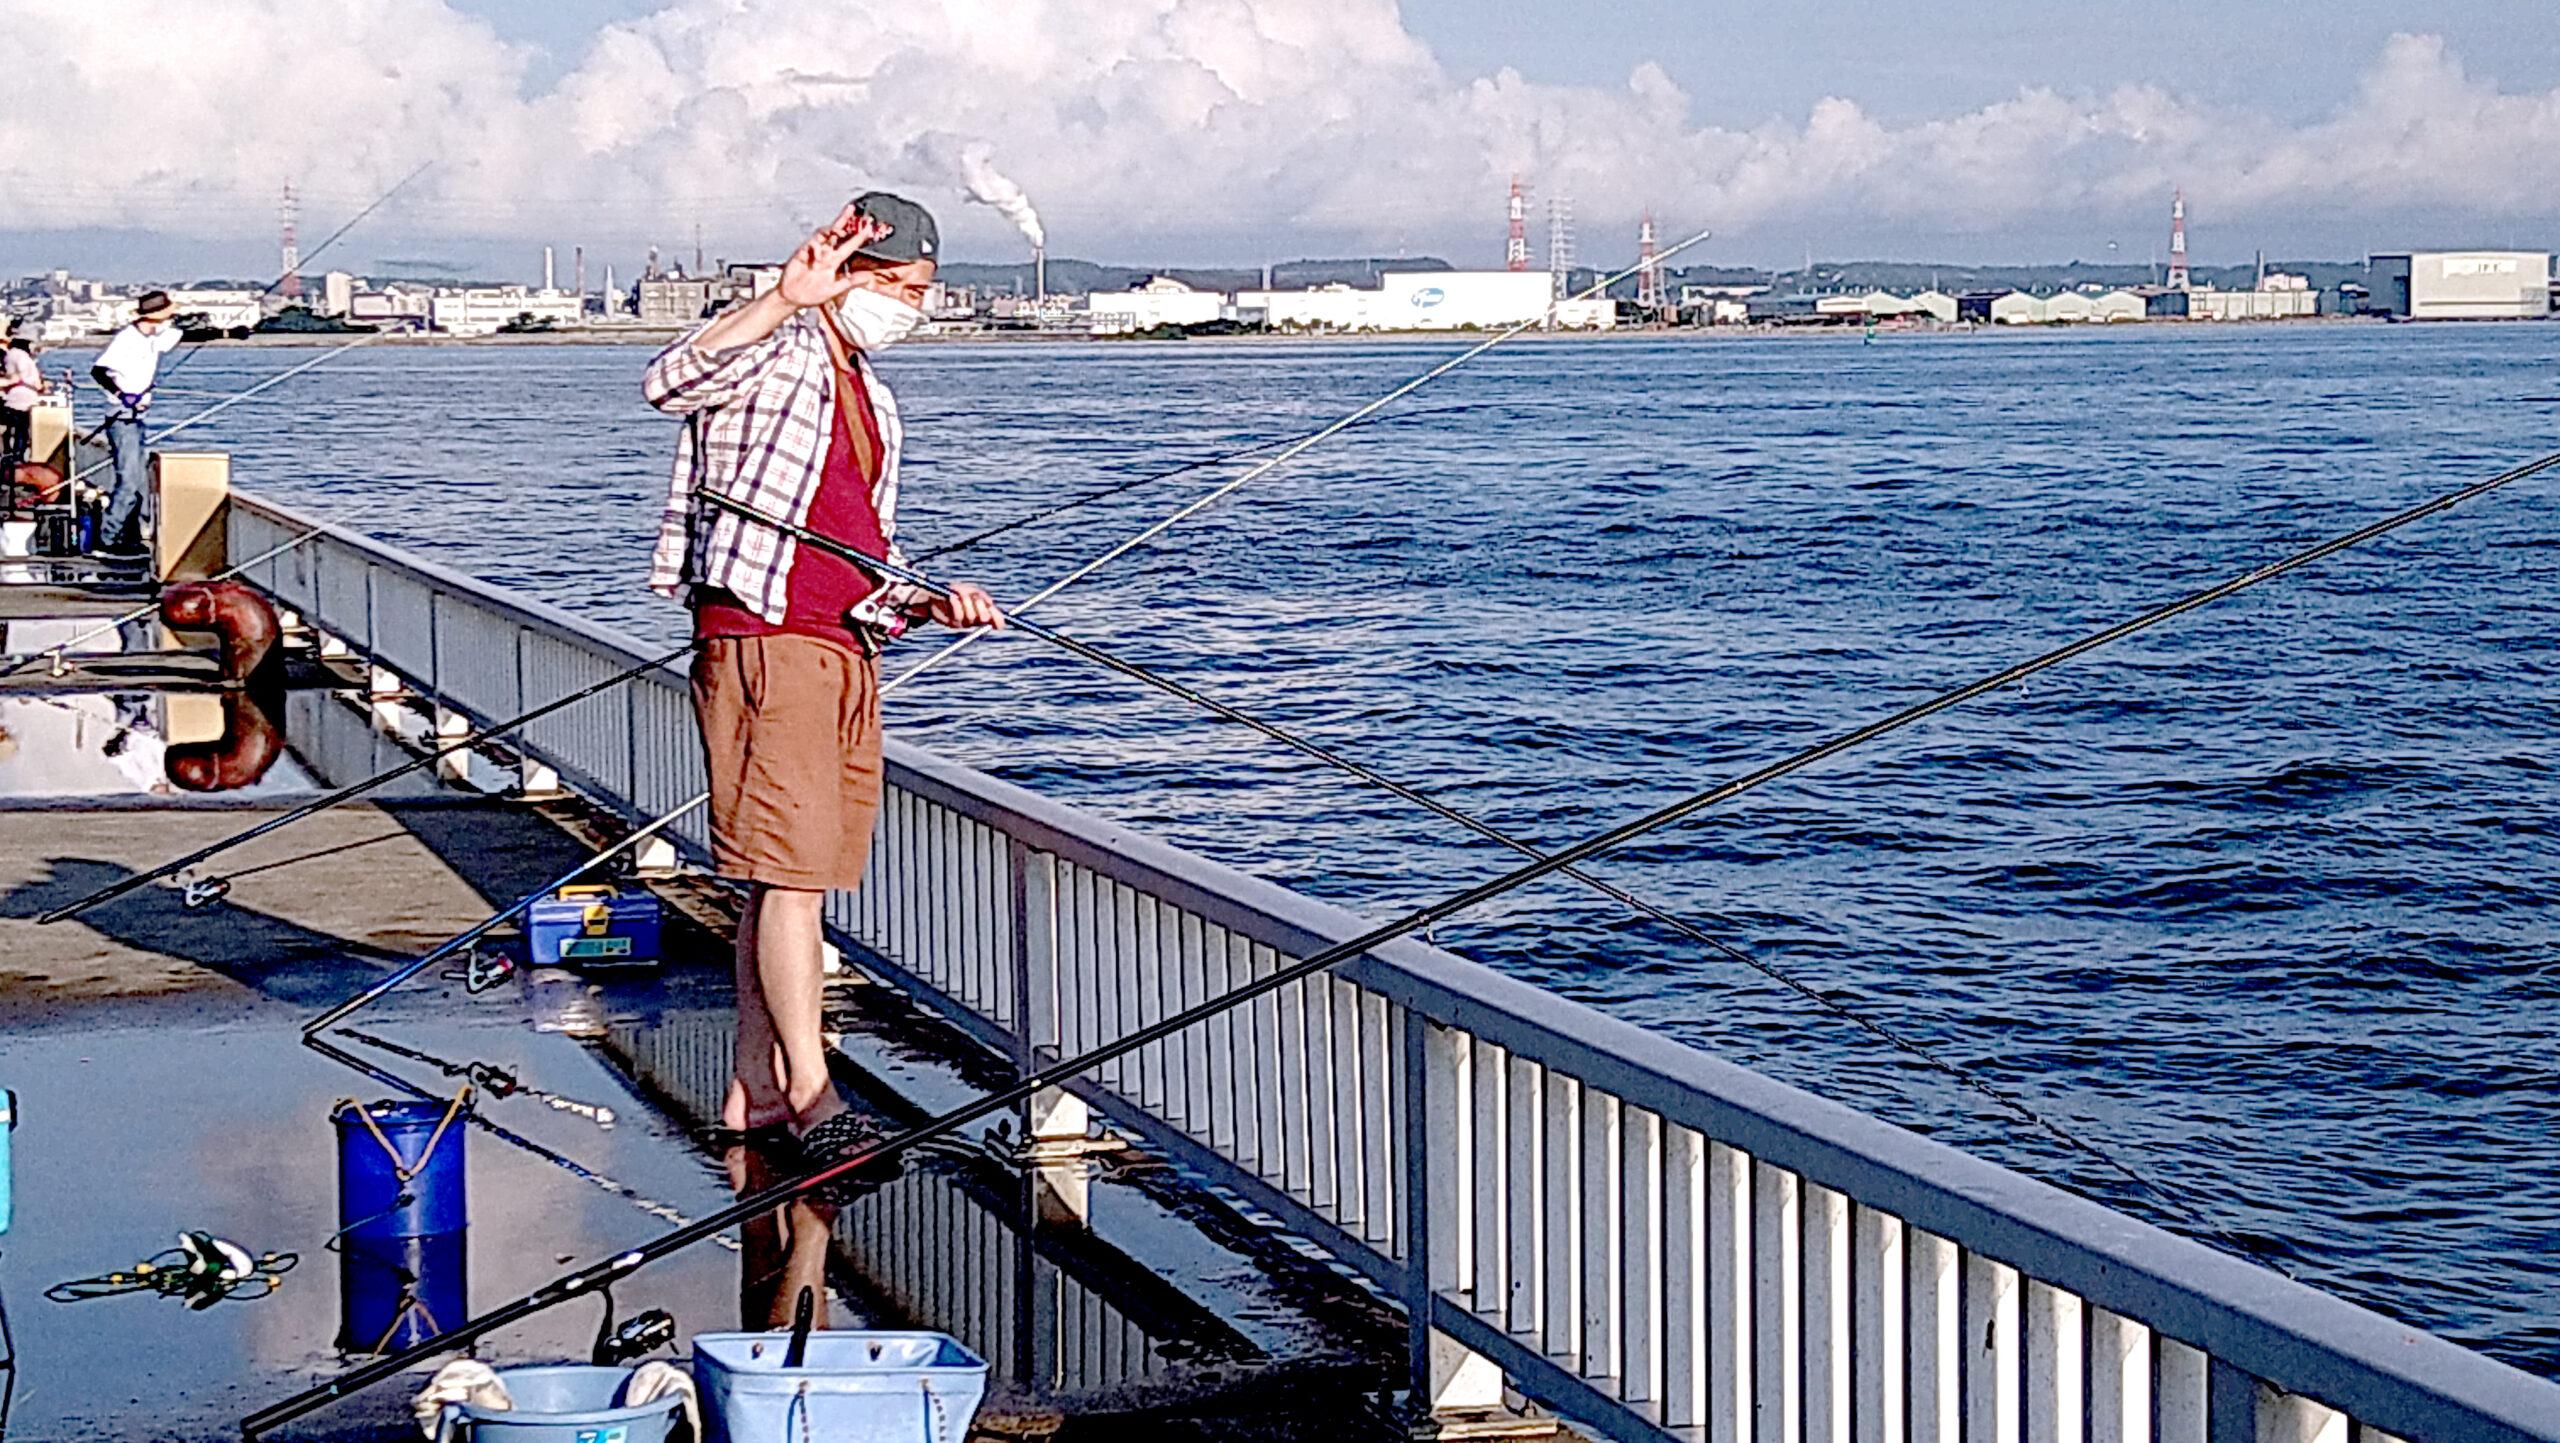 碧南海釣り広場へ釣行!『早く行って早く帰る』